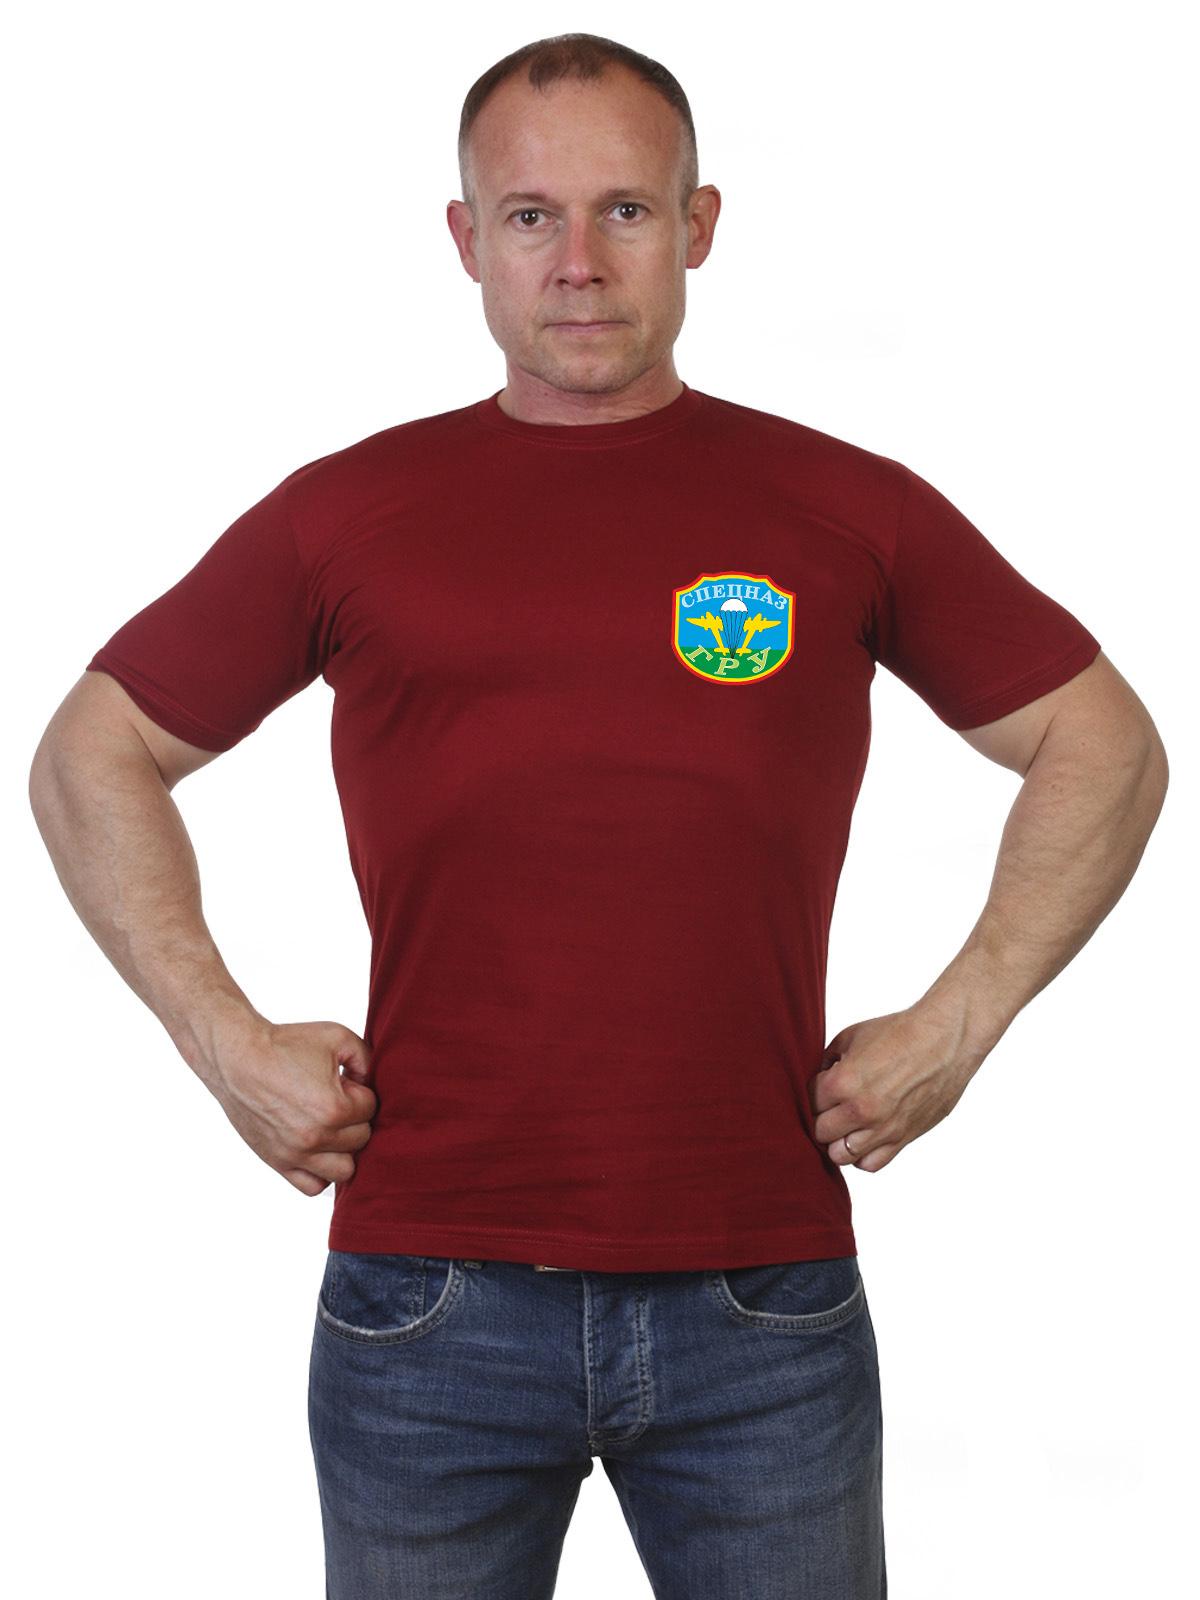 Купить футболку ГРУ в интернет магазине